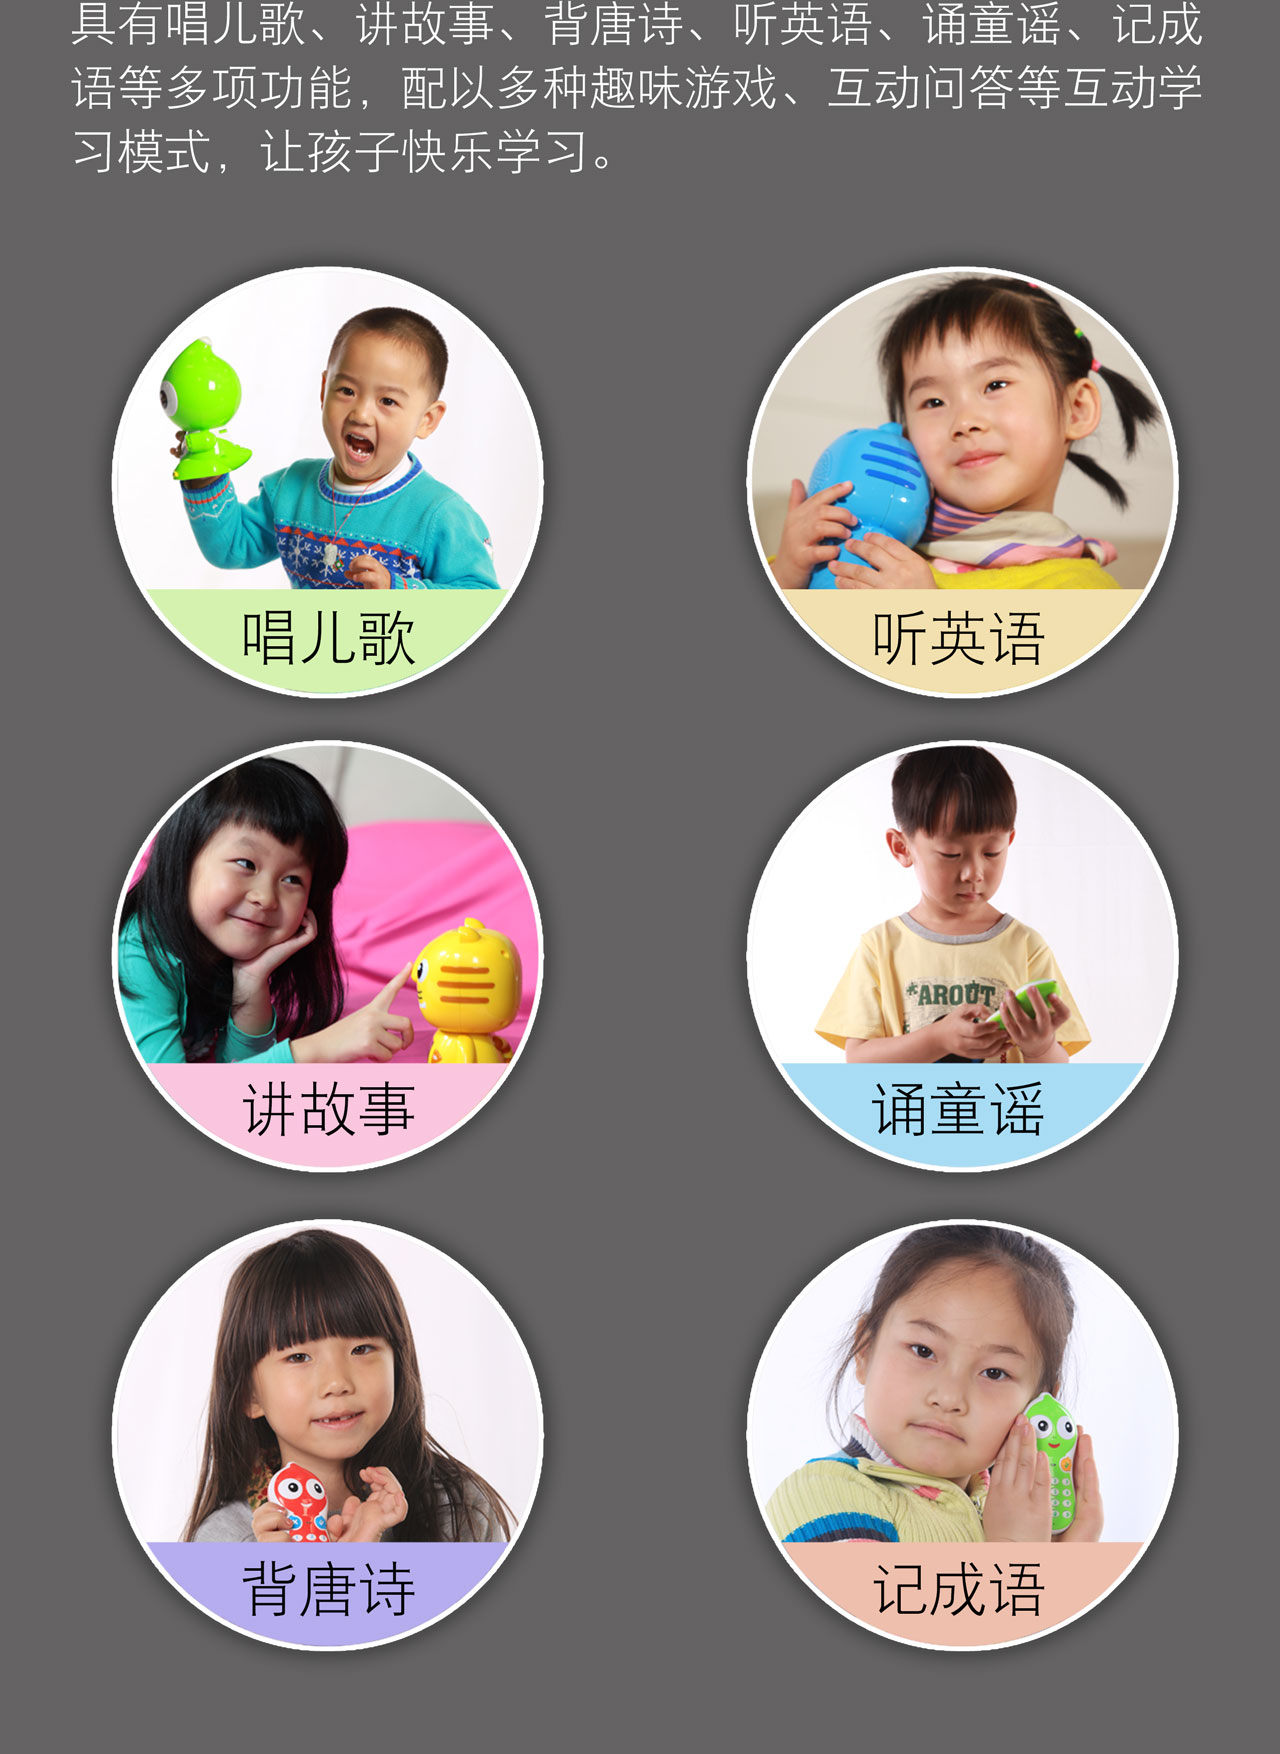 具有唱儿歌、讲故事、背唐诗、听英语、诵童谣、记成 语等多项功能,配以多种趣味游戏、互动问答等互动学 习模式,让孩子快乐学习。